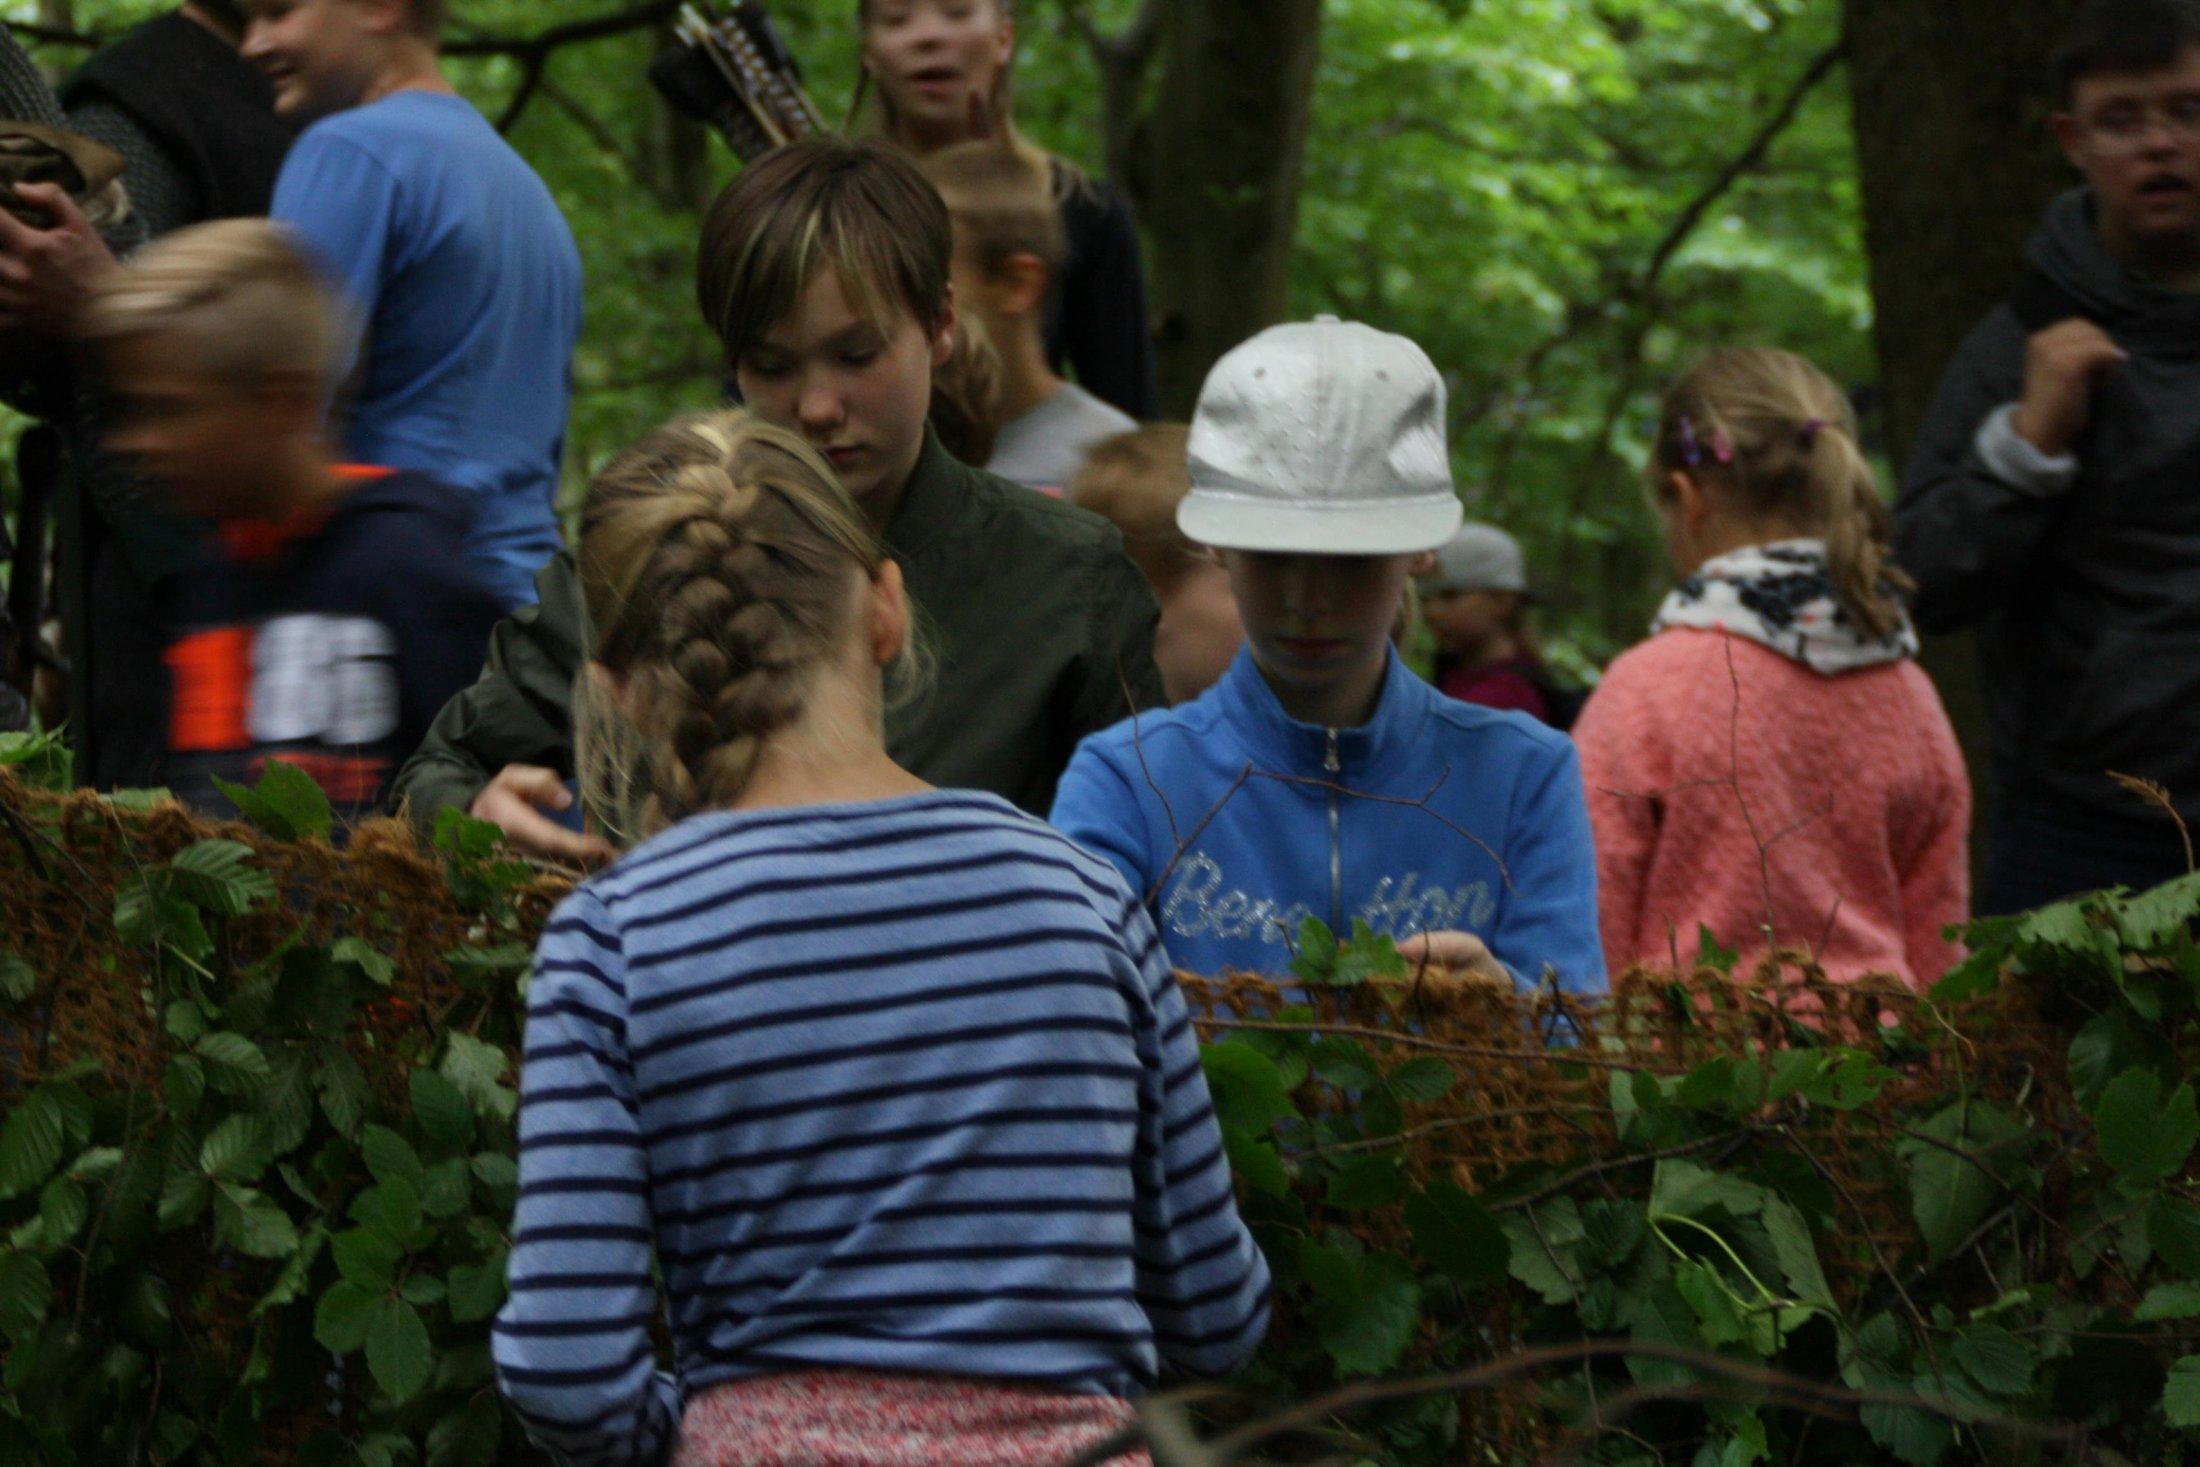 Bei der Jägerin Johanna wird gemeinsam an einem Tarnnetz gearbeitet